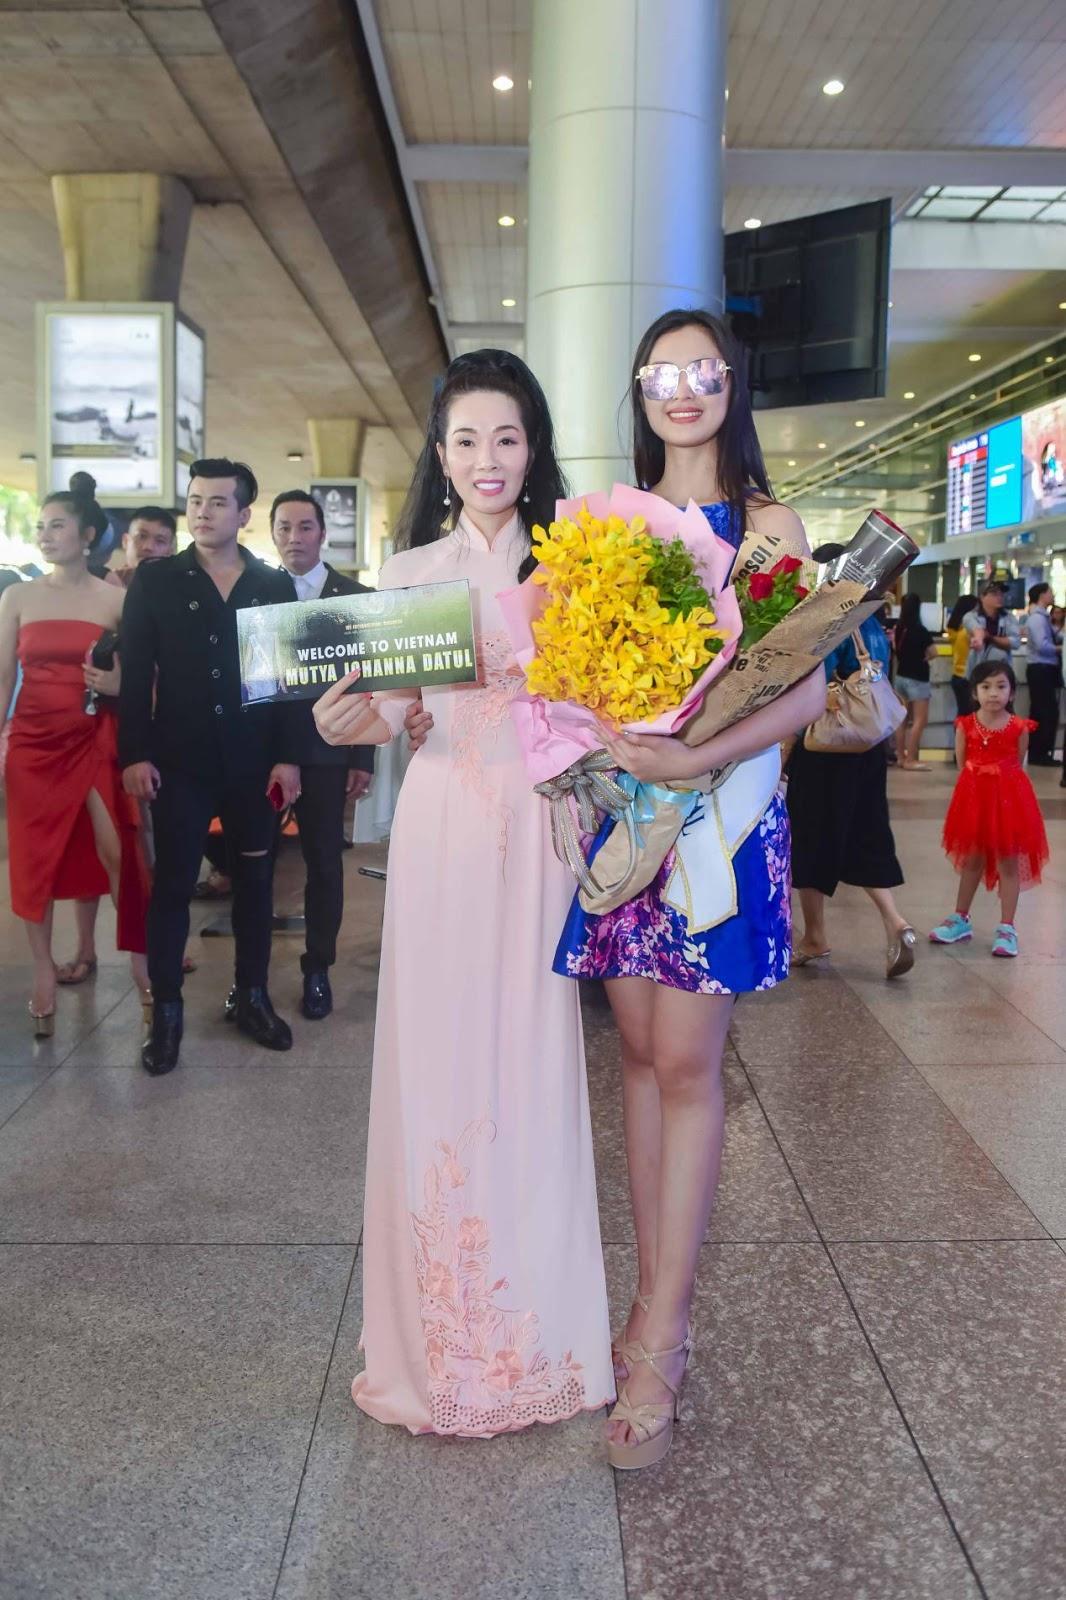 Miss Supranational 2013 Mutya Johanna Datul tự tin khoe sắc vóc trong ngày đầu có mặt tại Việt Nam - Hình 7